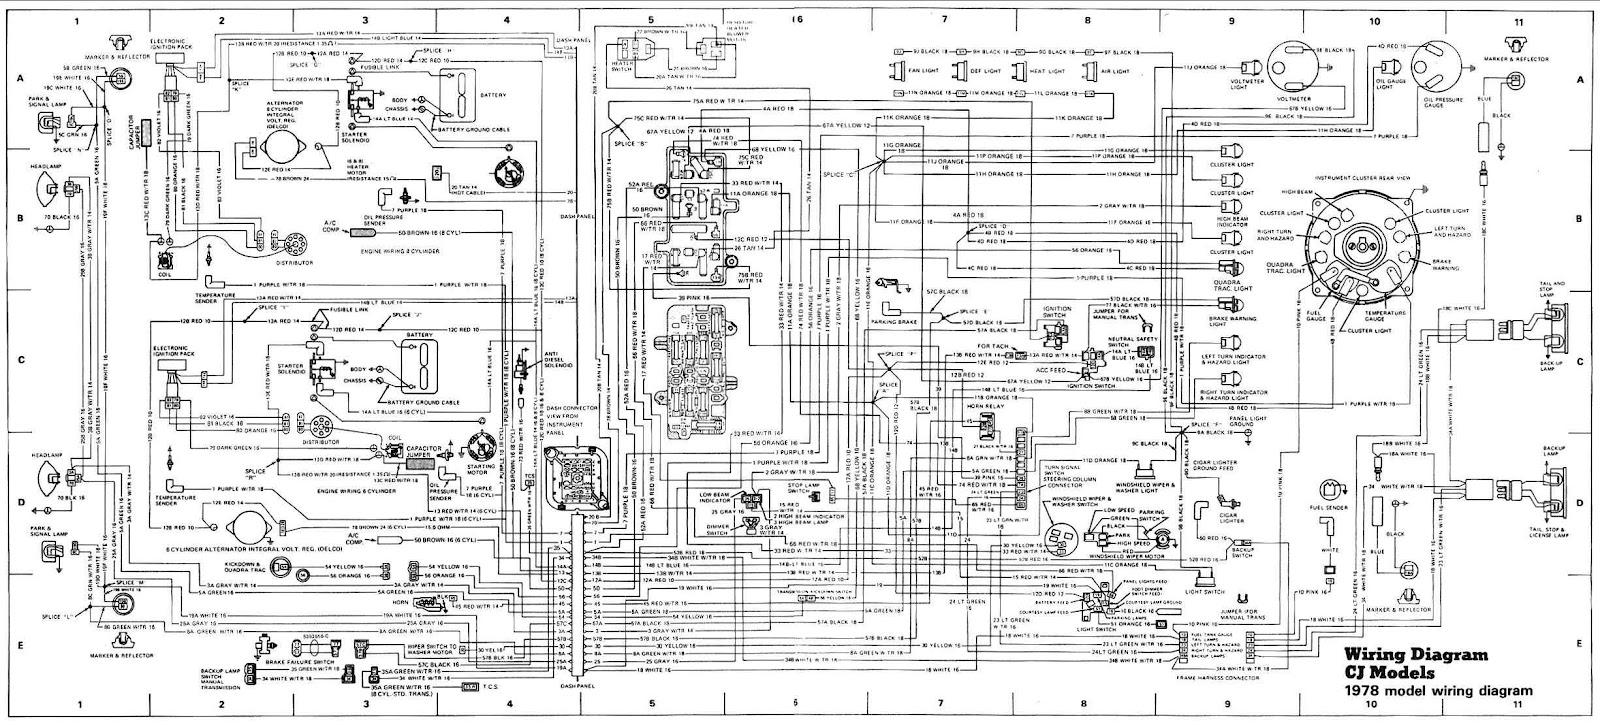 Jeep Cj7 Wiring Diagram & Amazing Jeep Cj7 Wiring Diagram